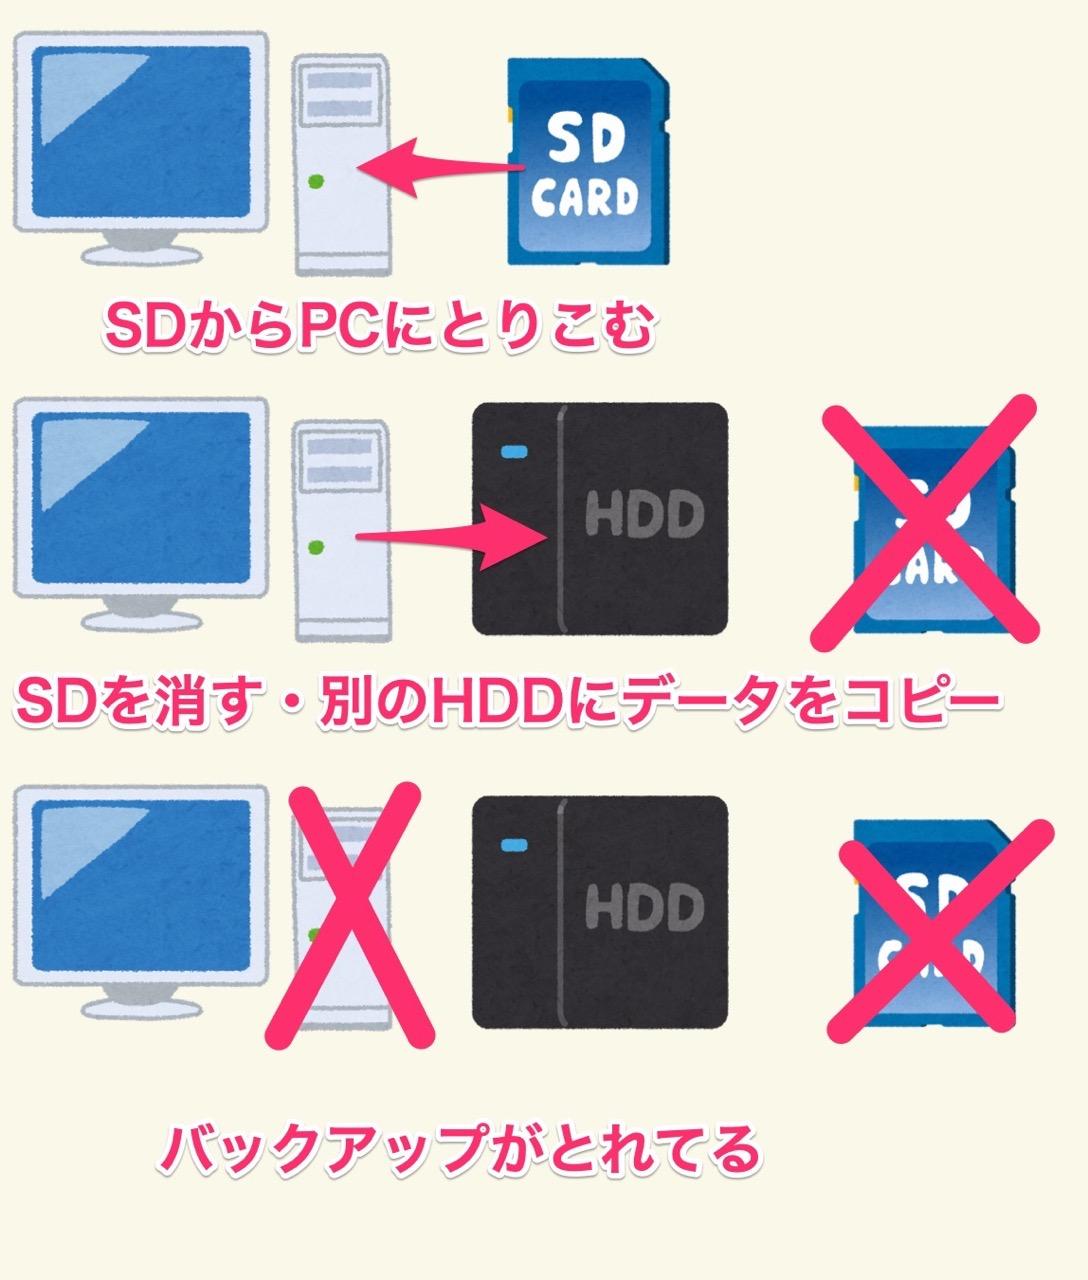 HDDにバックアップ